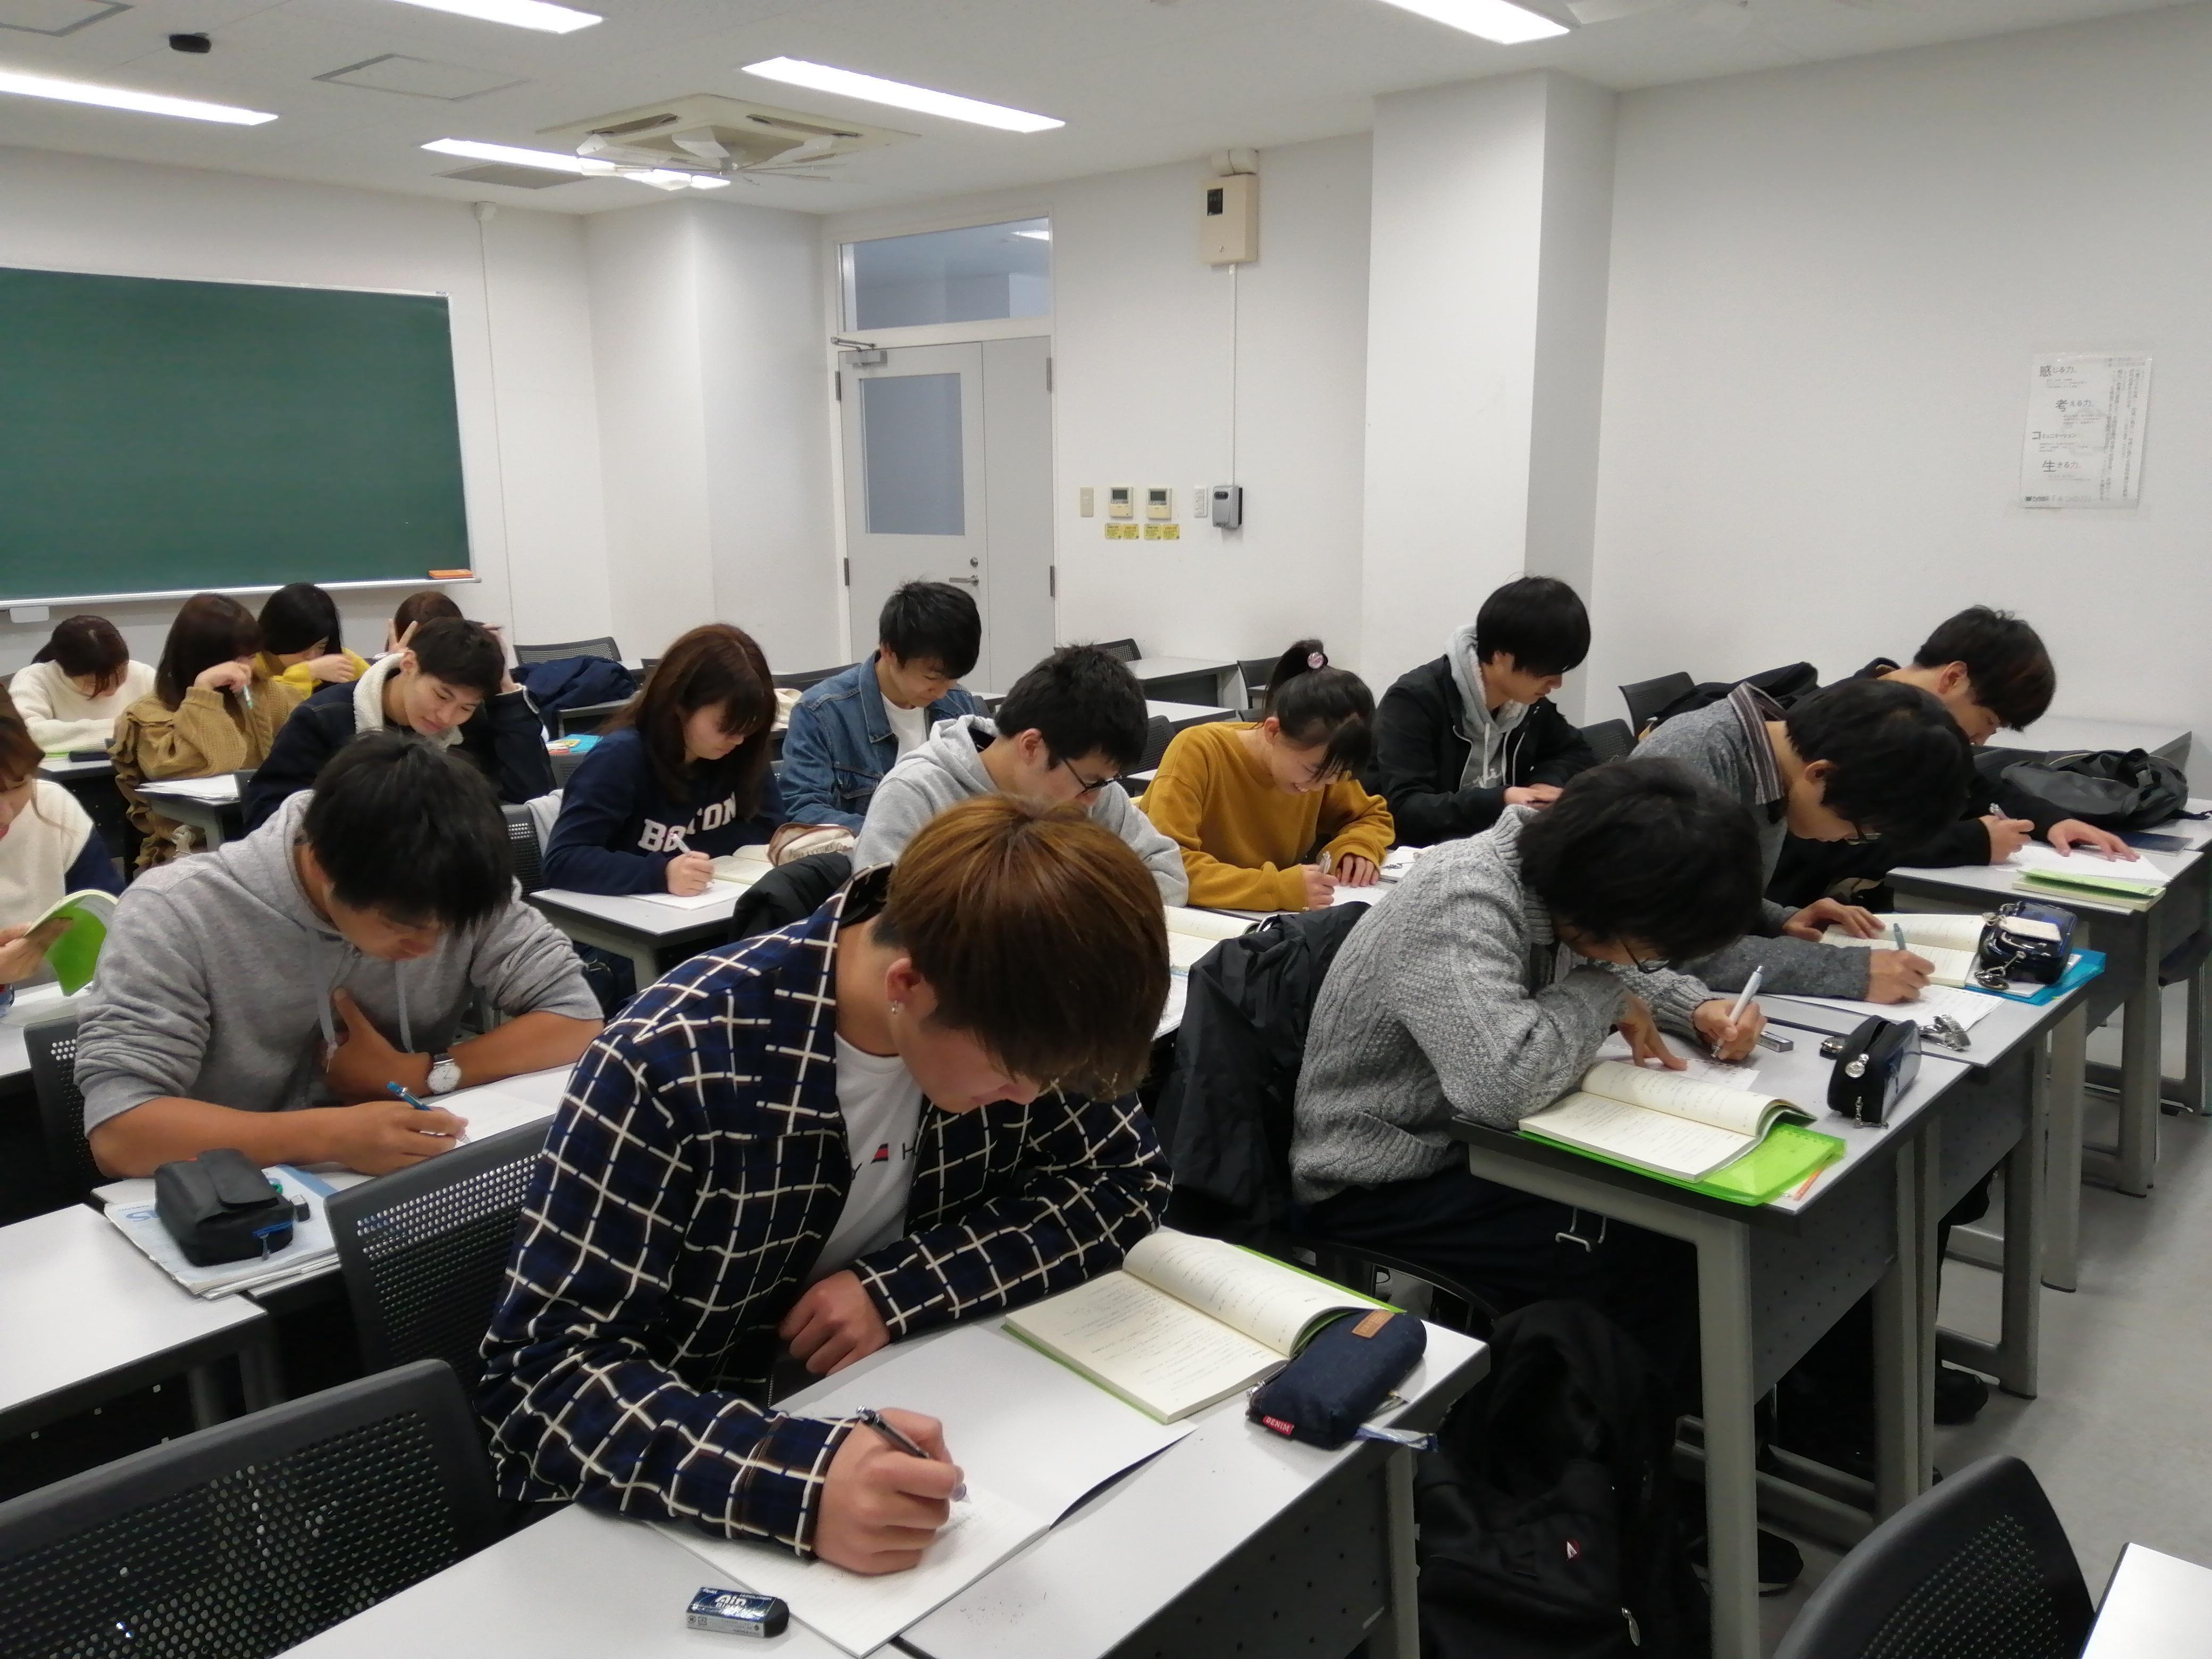 三重大学 教育学部・教育学研究科   数学教育コース